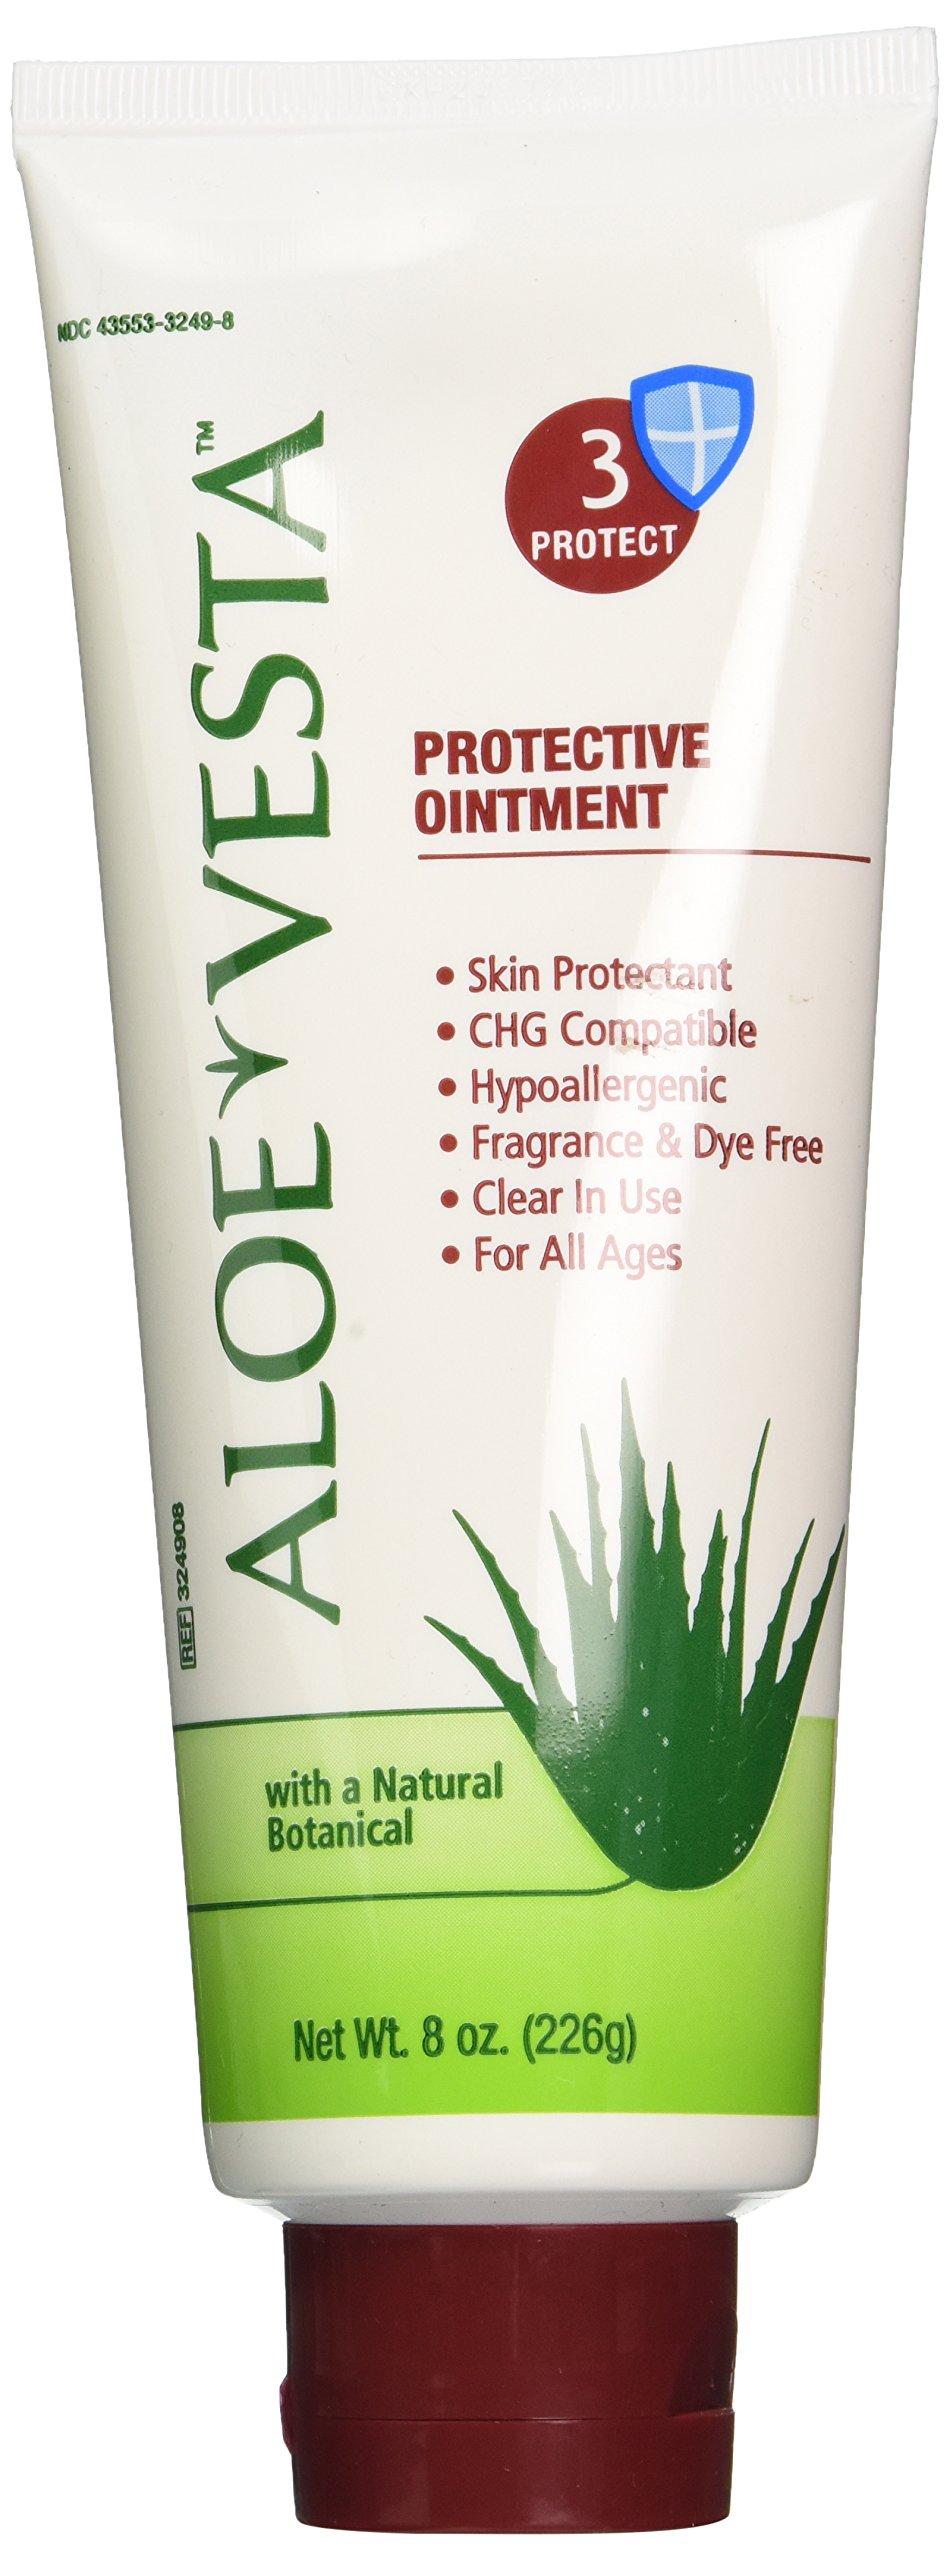 ConvaTec Aloe Vesta Protective Ointment 43% - 8 oz